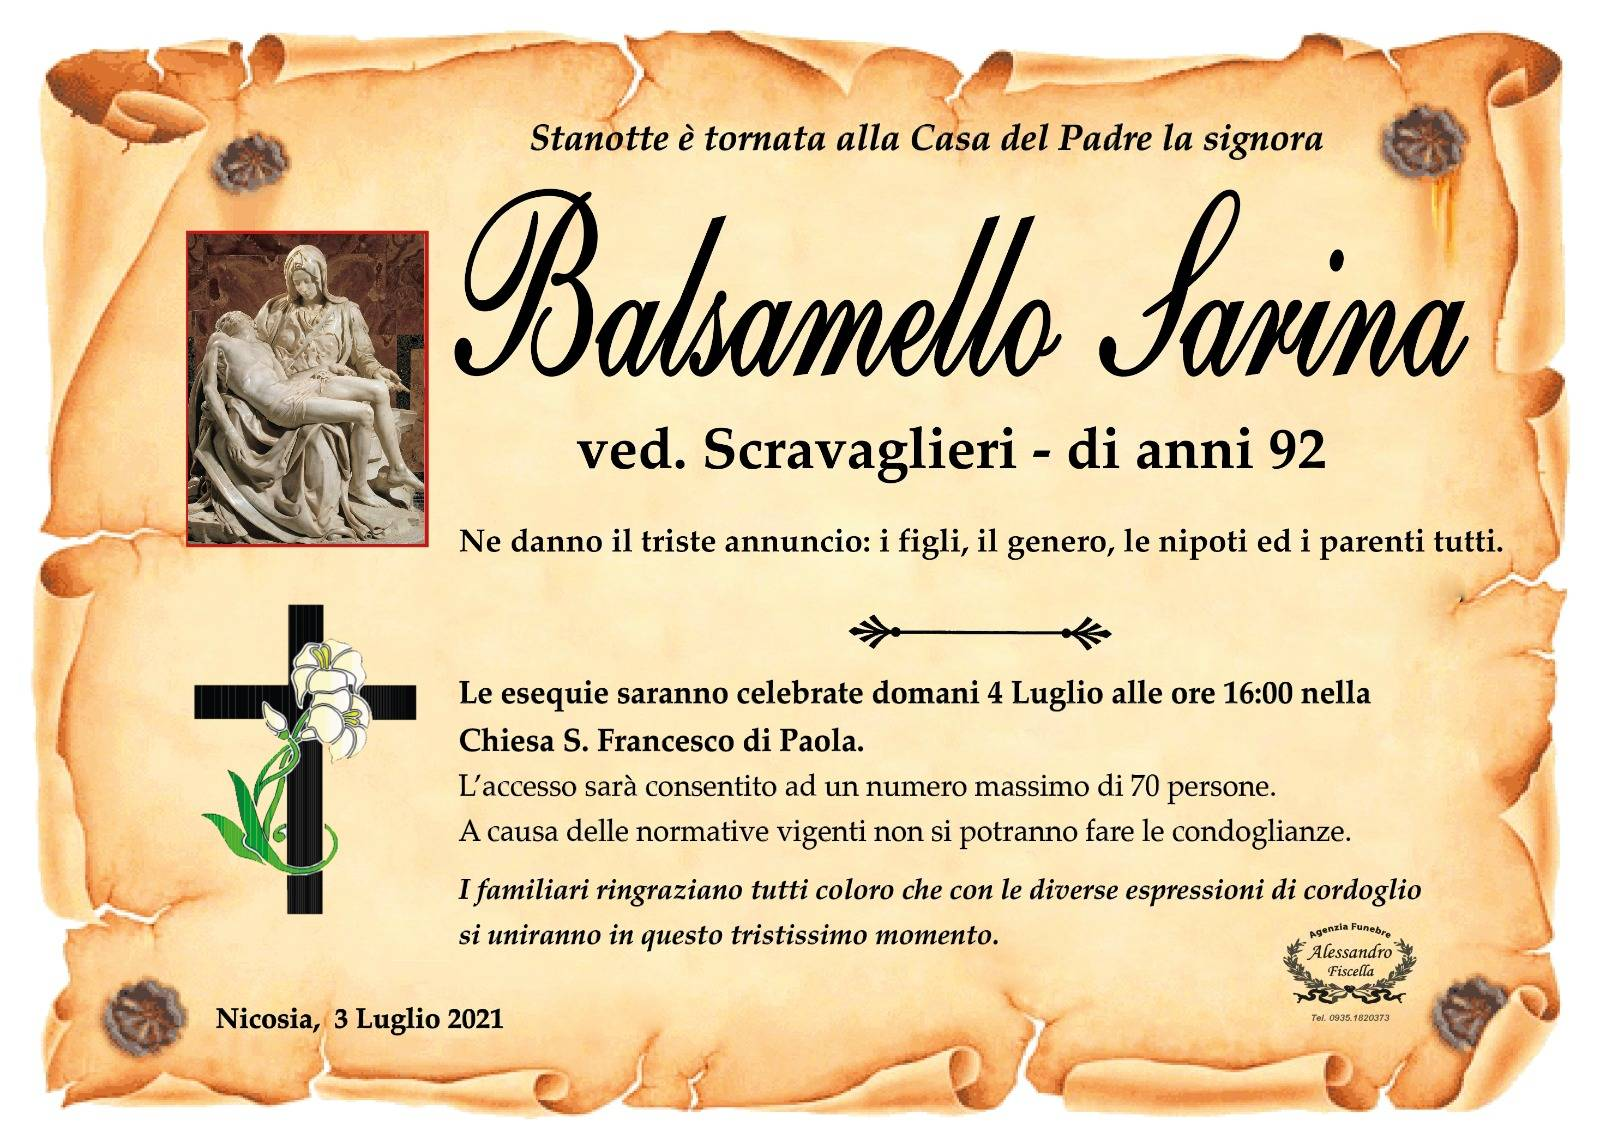 Sarina Balsamello